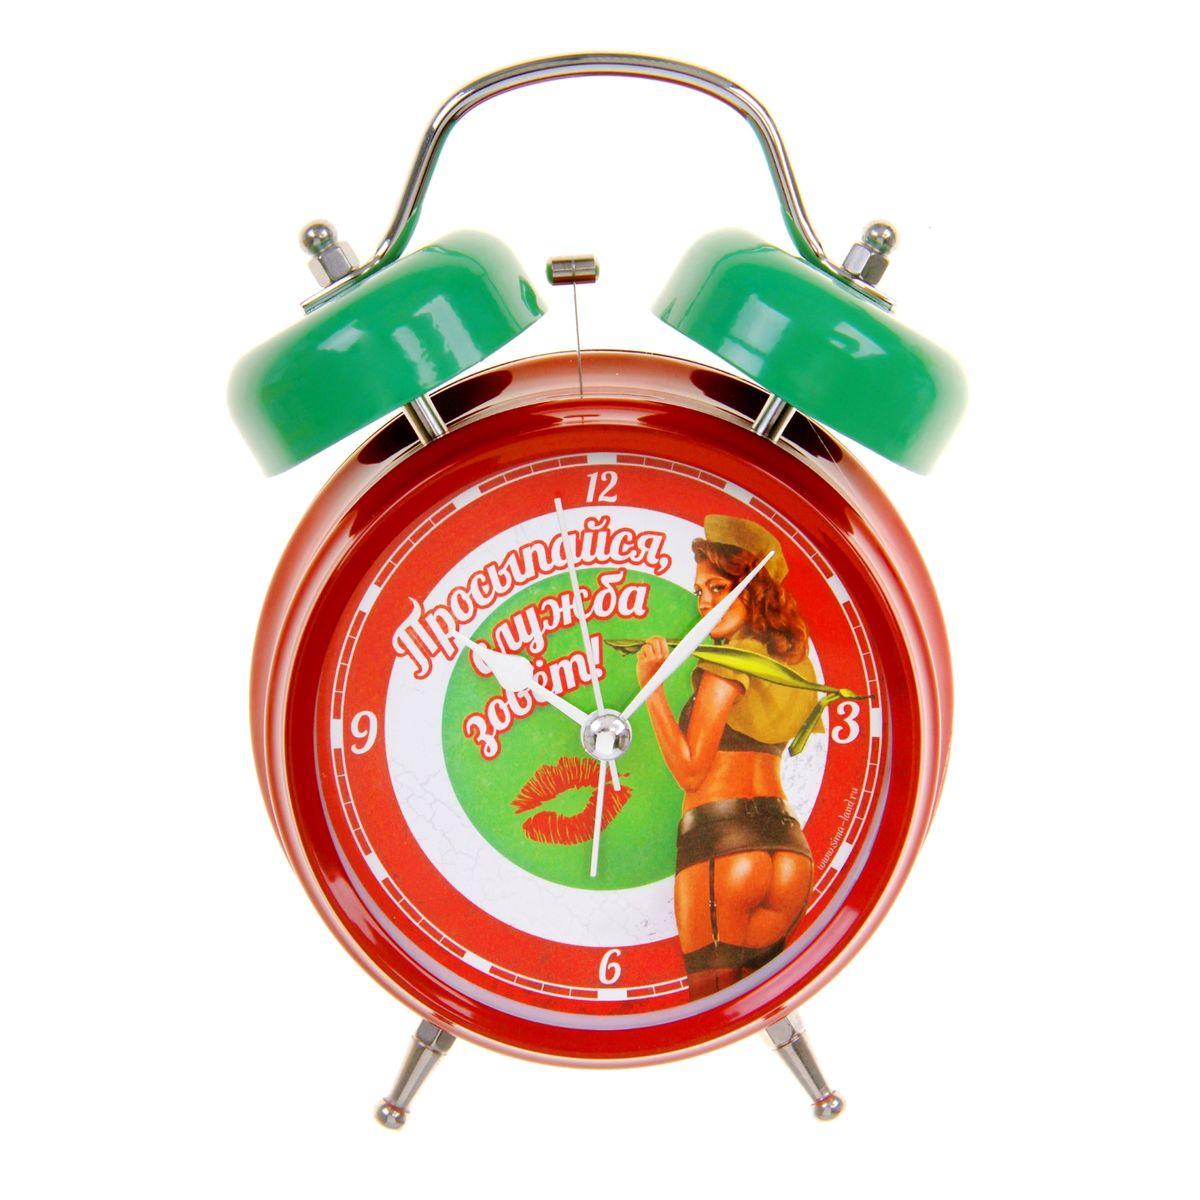 Часы-будильник Sima-land Служба зовет92266Как же сложно иногда вставать вовремя! Всегда так хочется поспать еще хотя бы 5 минут и бывает, что мы просыпаем. Теперь этого не случится! Яркий, оригинальный будильник Sima-land Служба зовет поможет вам всегда вставать в нужное время и успевать везде и всюду.Корпус будильника выполнен из металла. Циферблат оформлен изображением девушки и надписью: Просыпайся, служба зовет!, имеет индикацию арабскими цифрами с отметками. Часы снабжены 4 стрелками (секундная, минутная, часовая и для будильника). На задней панели будильника расположен переключатель включения/выключения механизма, а также два колесика для настройки текущего времени и времени звонка будильника.Пользоваться будильником очень легко: нужно всего лишь поставить батарейки, настроить точное время и установить время звонка. Необходимо докупить 2 батарейки типа АА напряжением 1,5 V (не входят в комплект).